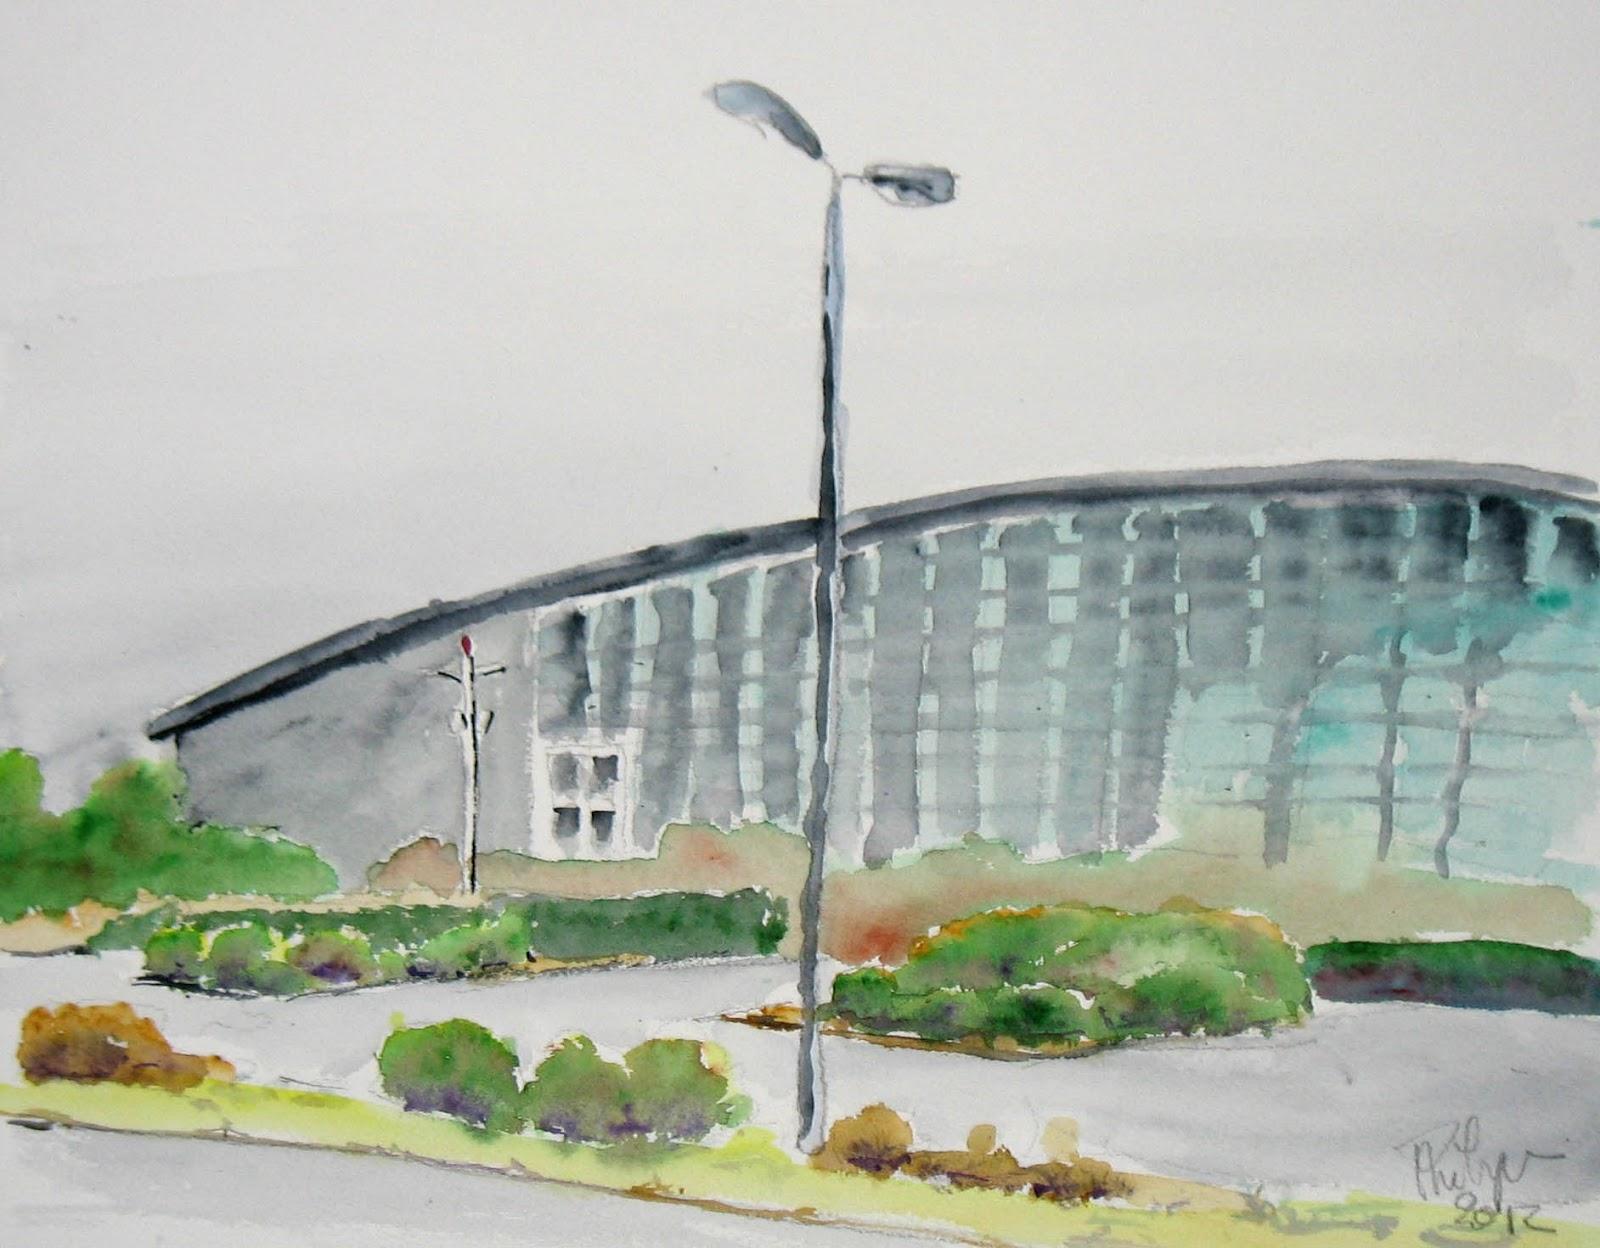 Le blog de michel randonn e du lundi 12 mars 2012 for Piscine querqueville